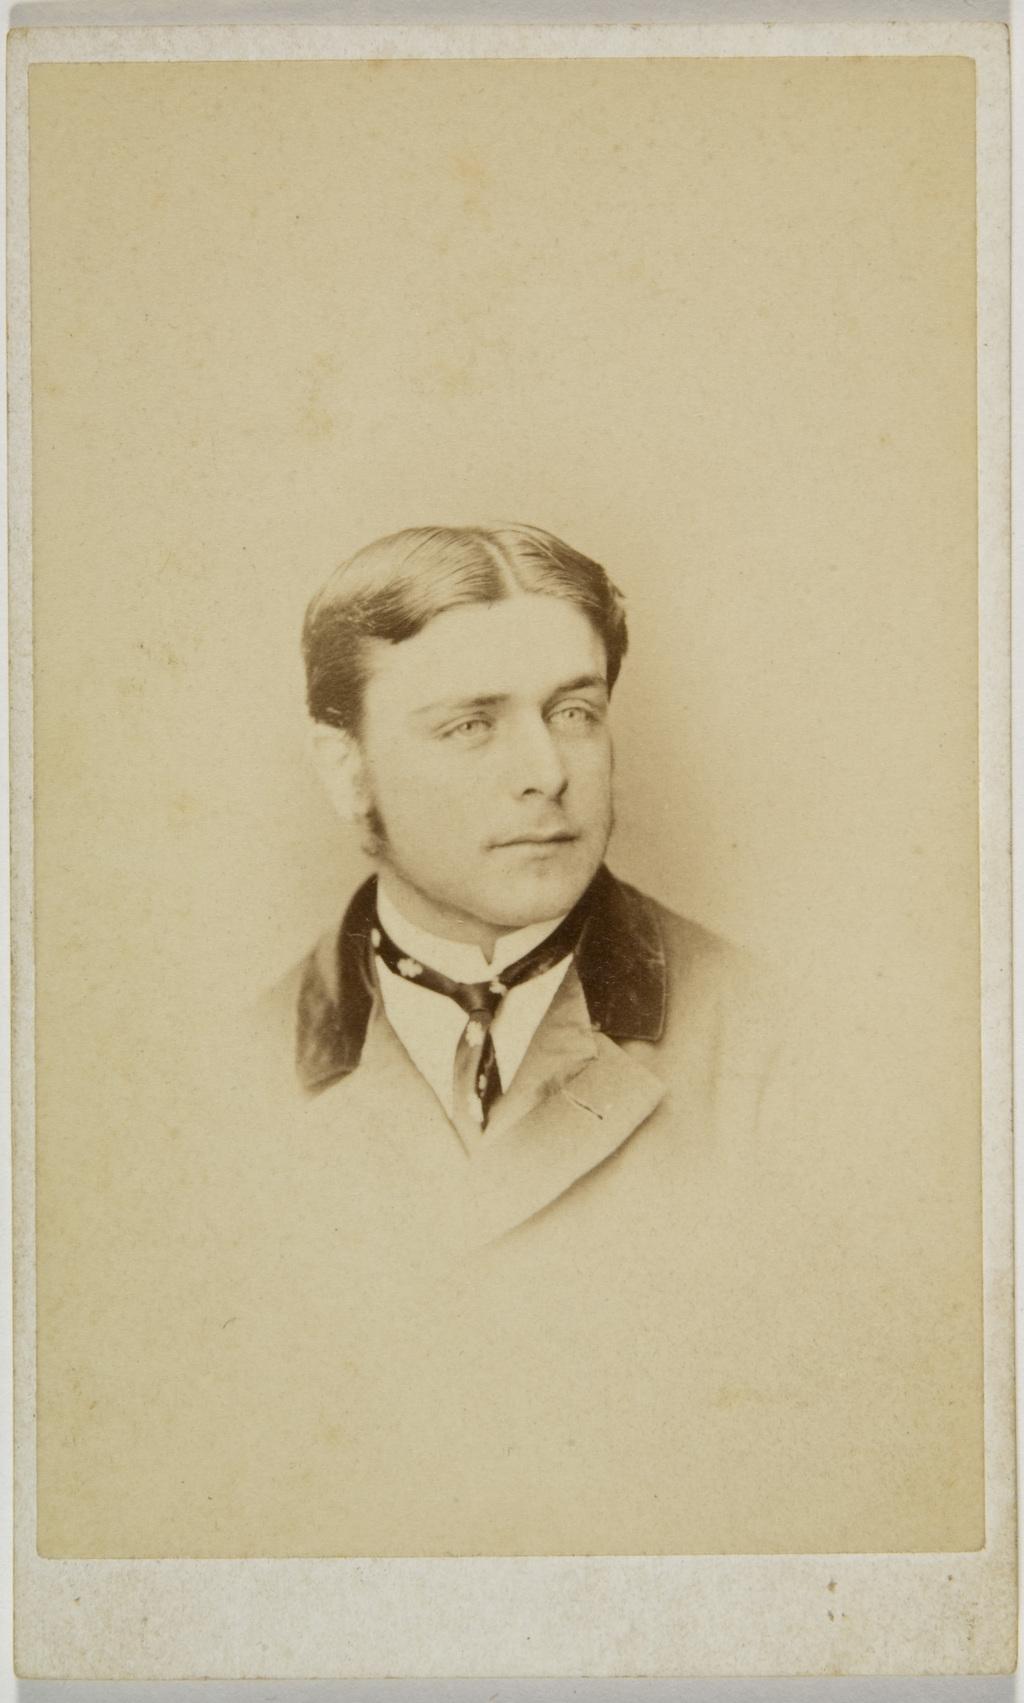 Monsieur A. Lemoine, de l'album de la famille Taché-Cimon